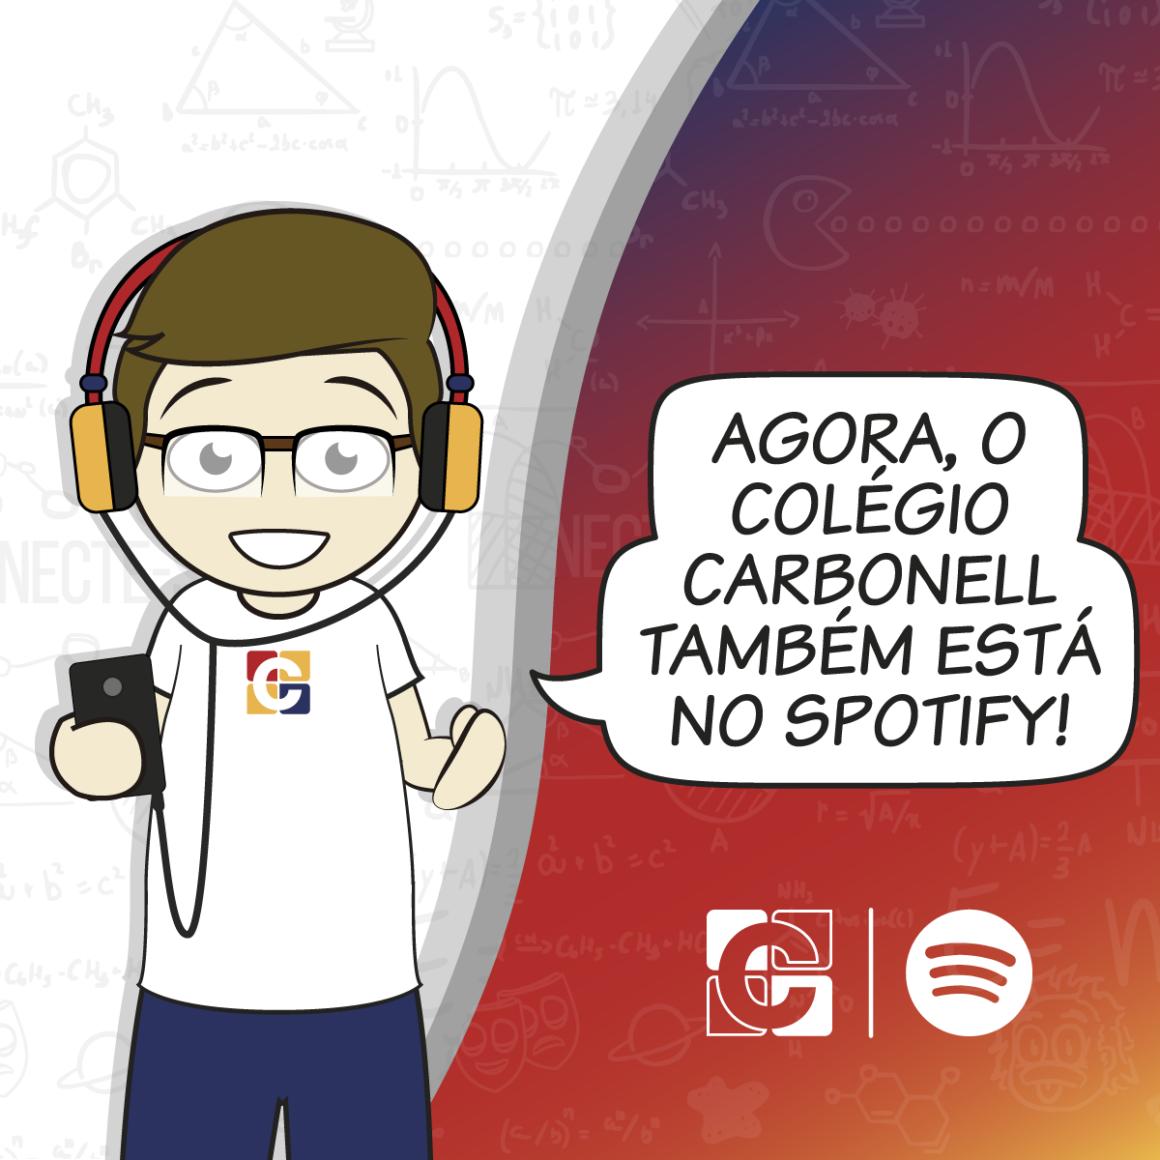 Conheça o perfil do Colégio Carbonell no Spotify e curta os sons que nos movimentam diariamente